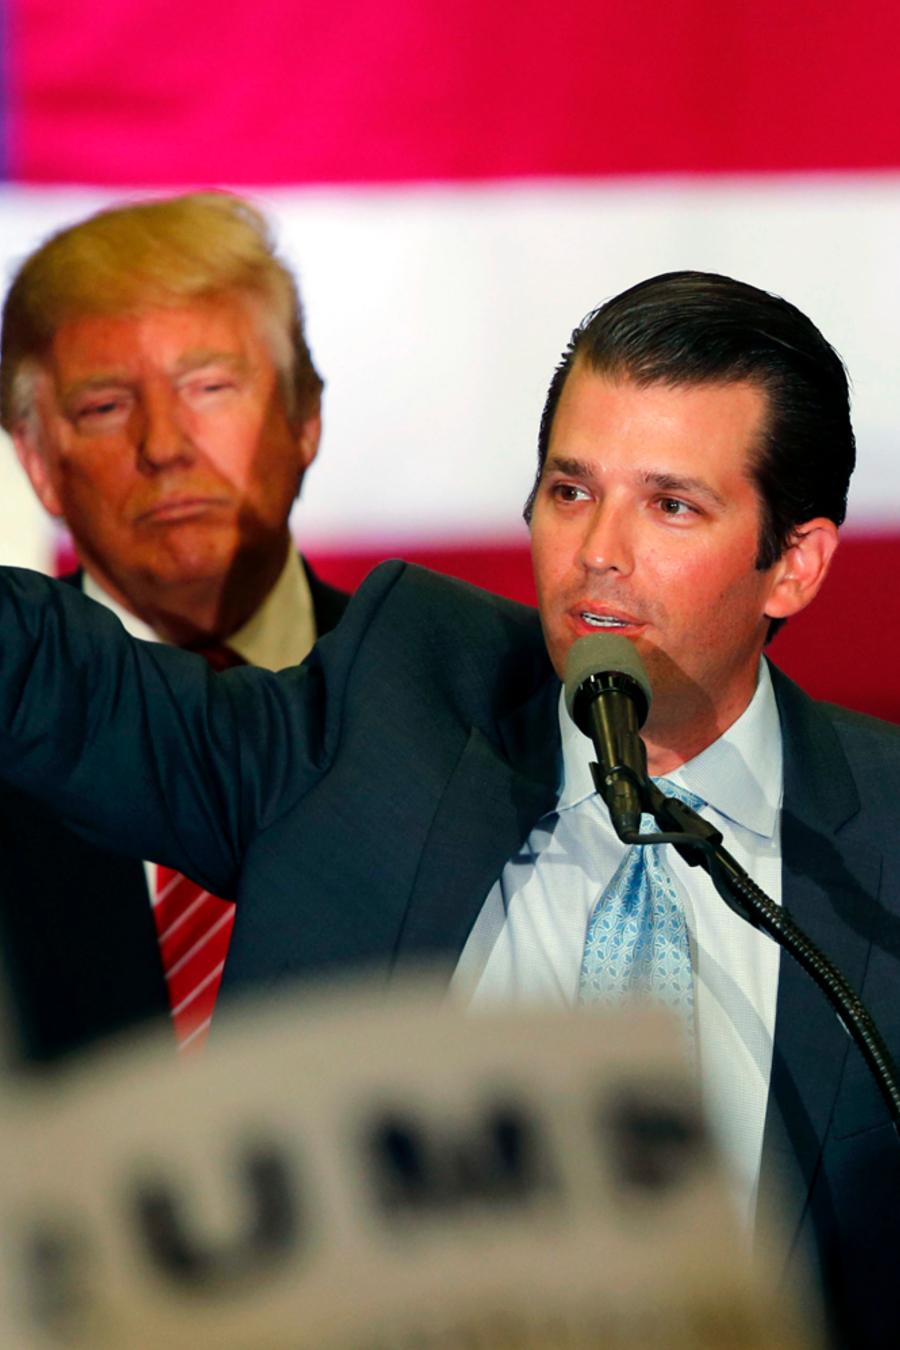 El hijo del entonces candidato Donald Trump, Don Jr., habla en un mitin de su padre en Nueva Orleans, durante la campaña presidencial de 2016.